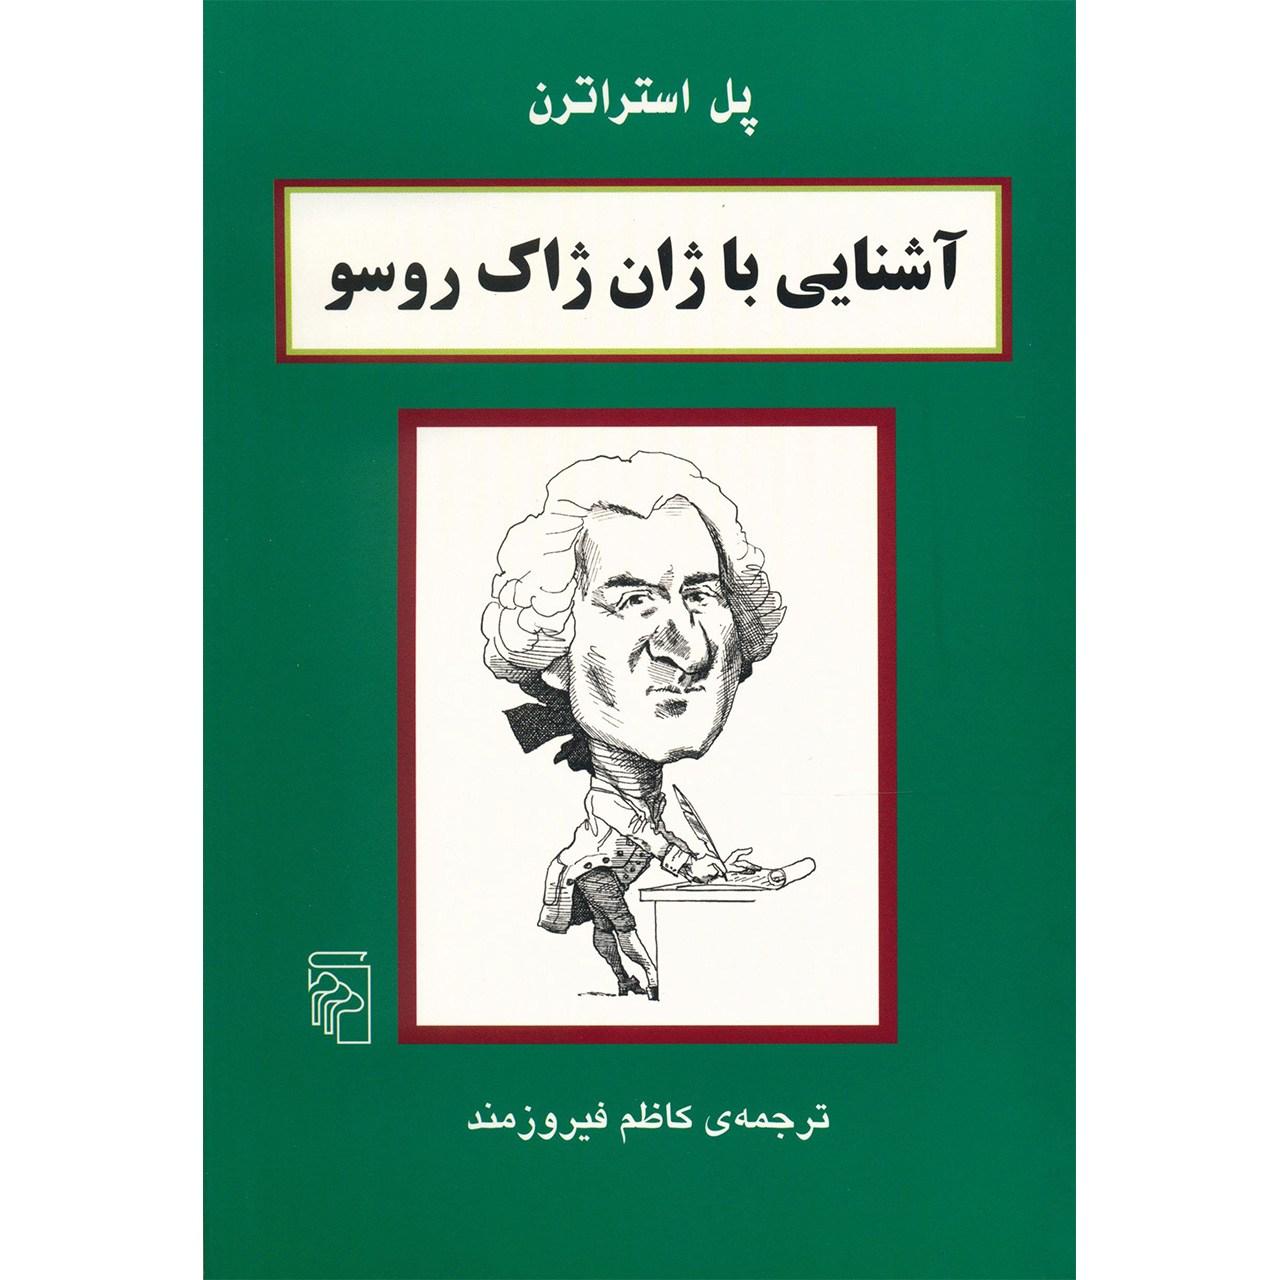 خرید                      کتاب آشنایی با ژان ژاک روسو اثر پل استراترن